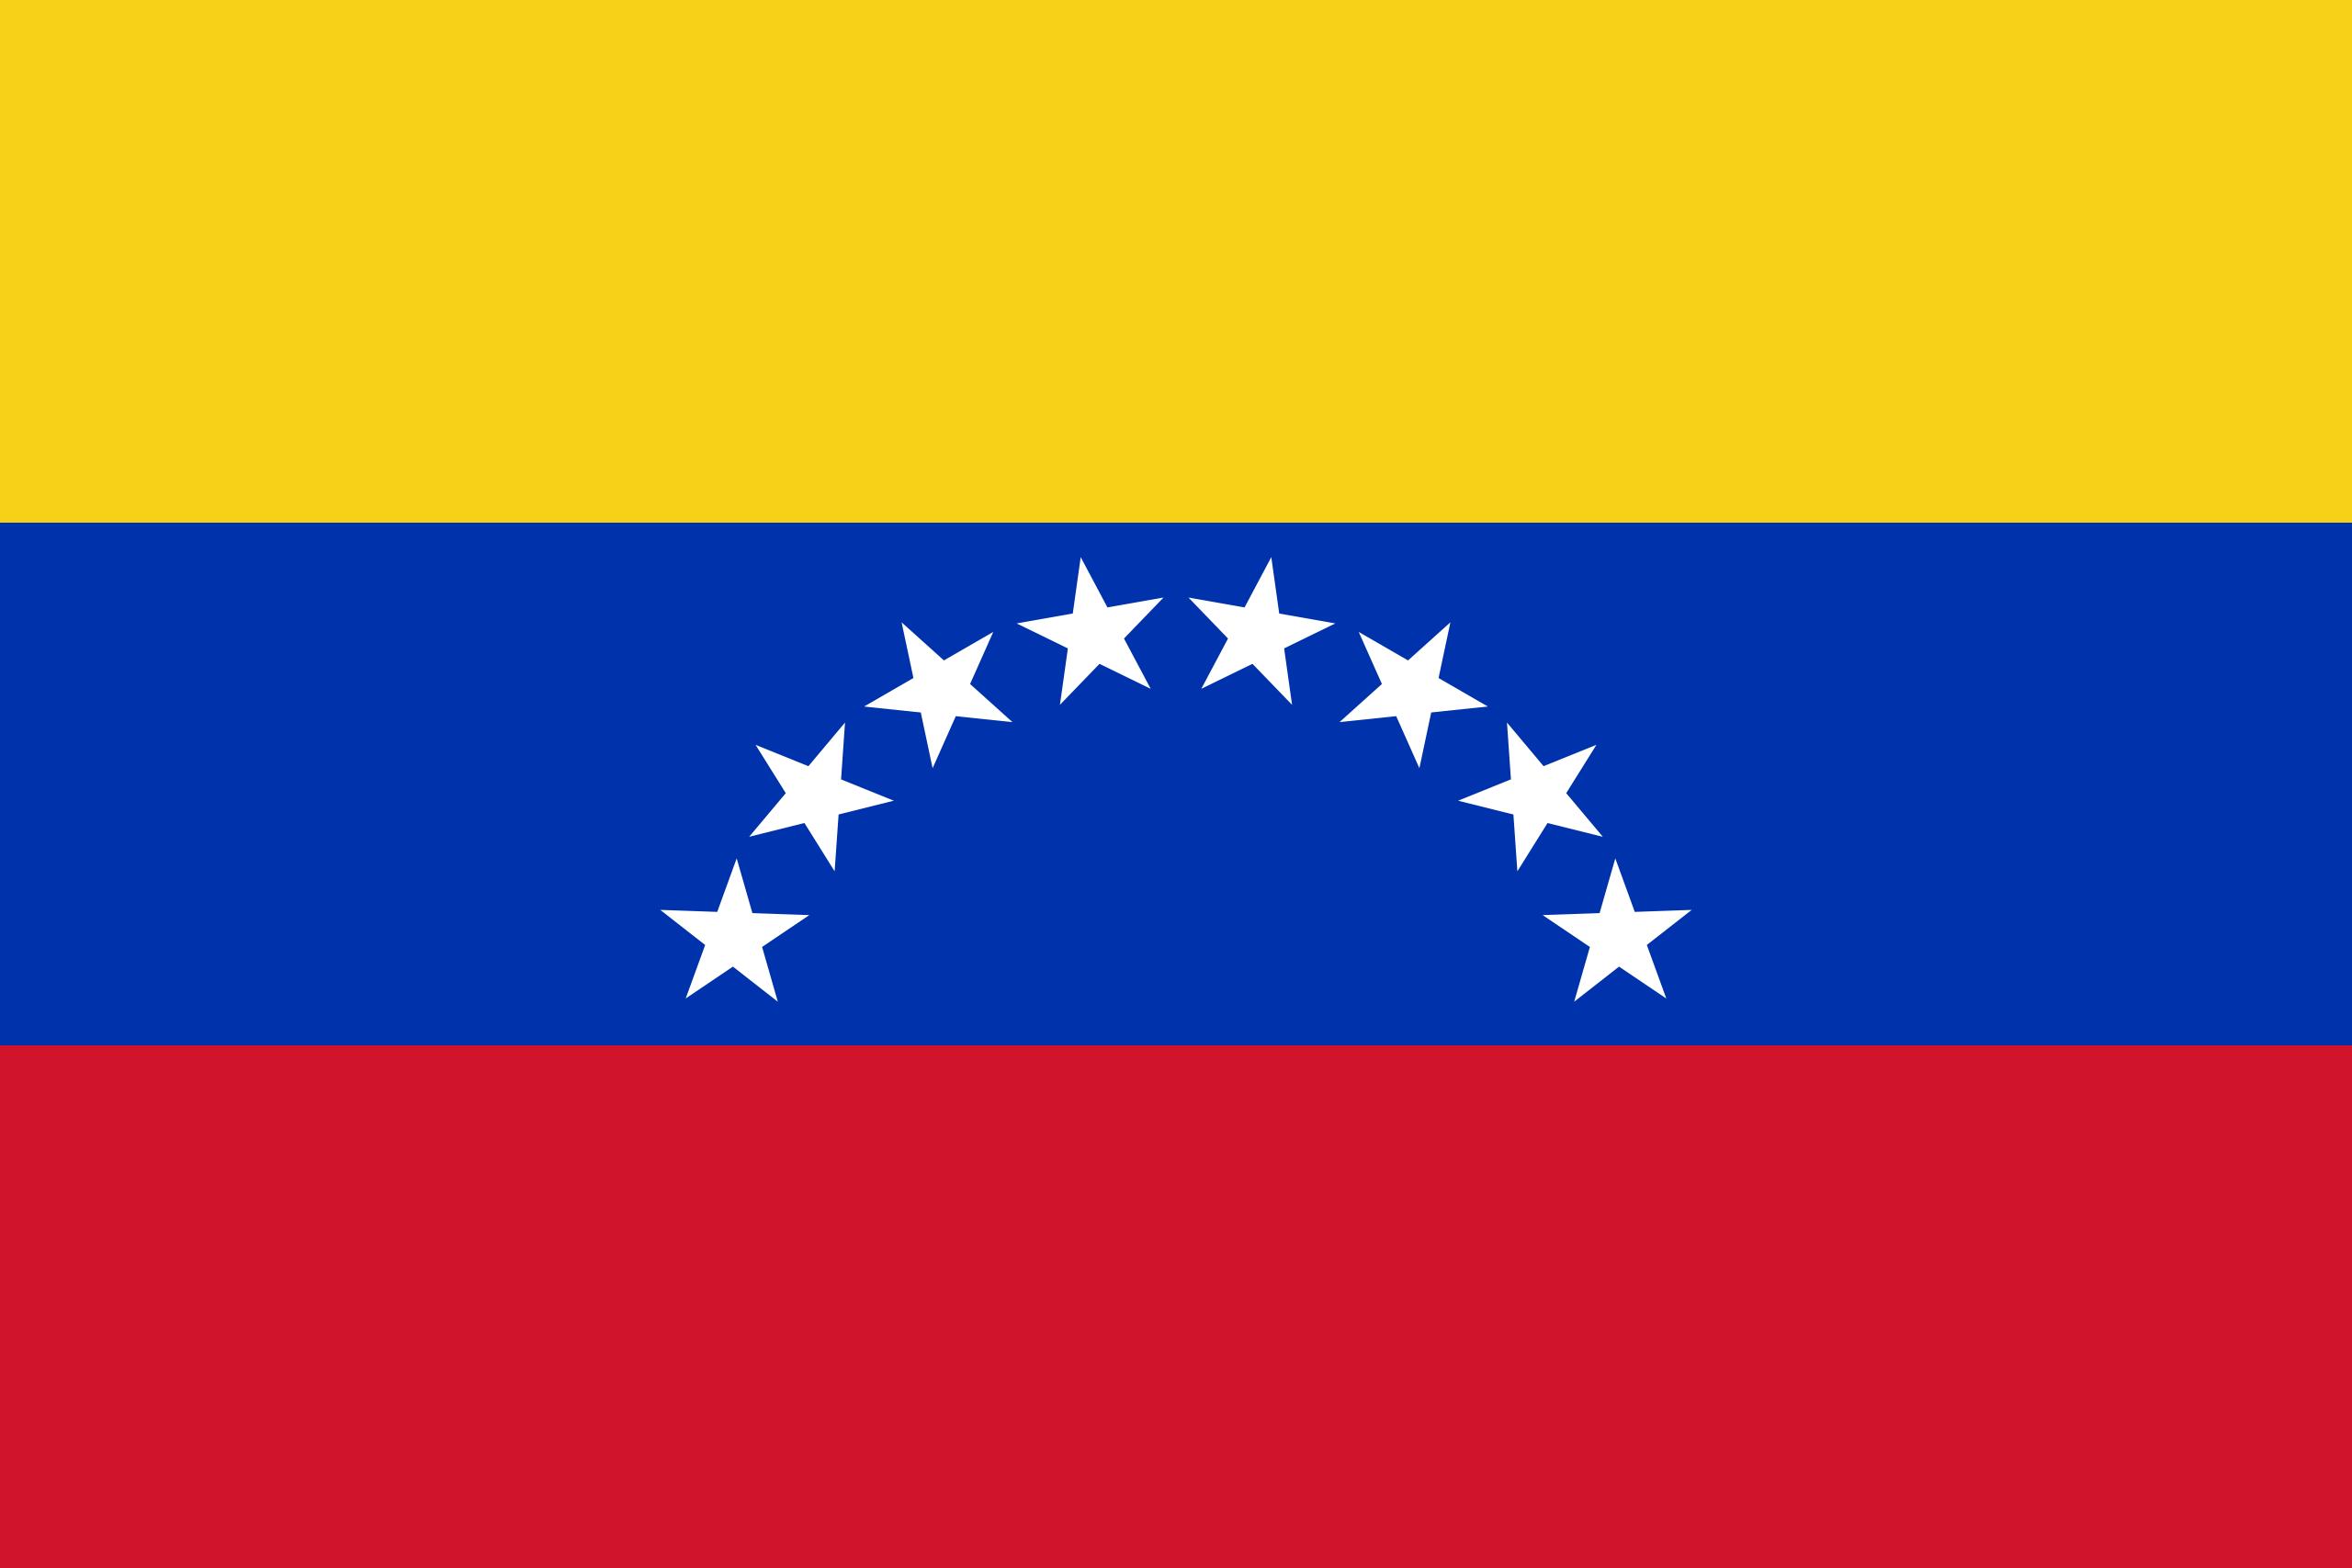 venezuela, страна, Эмблема, логотип, символ - Обои HD - Профессор falken.com